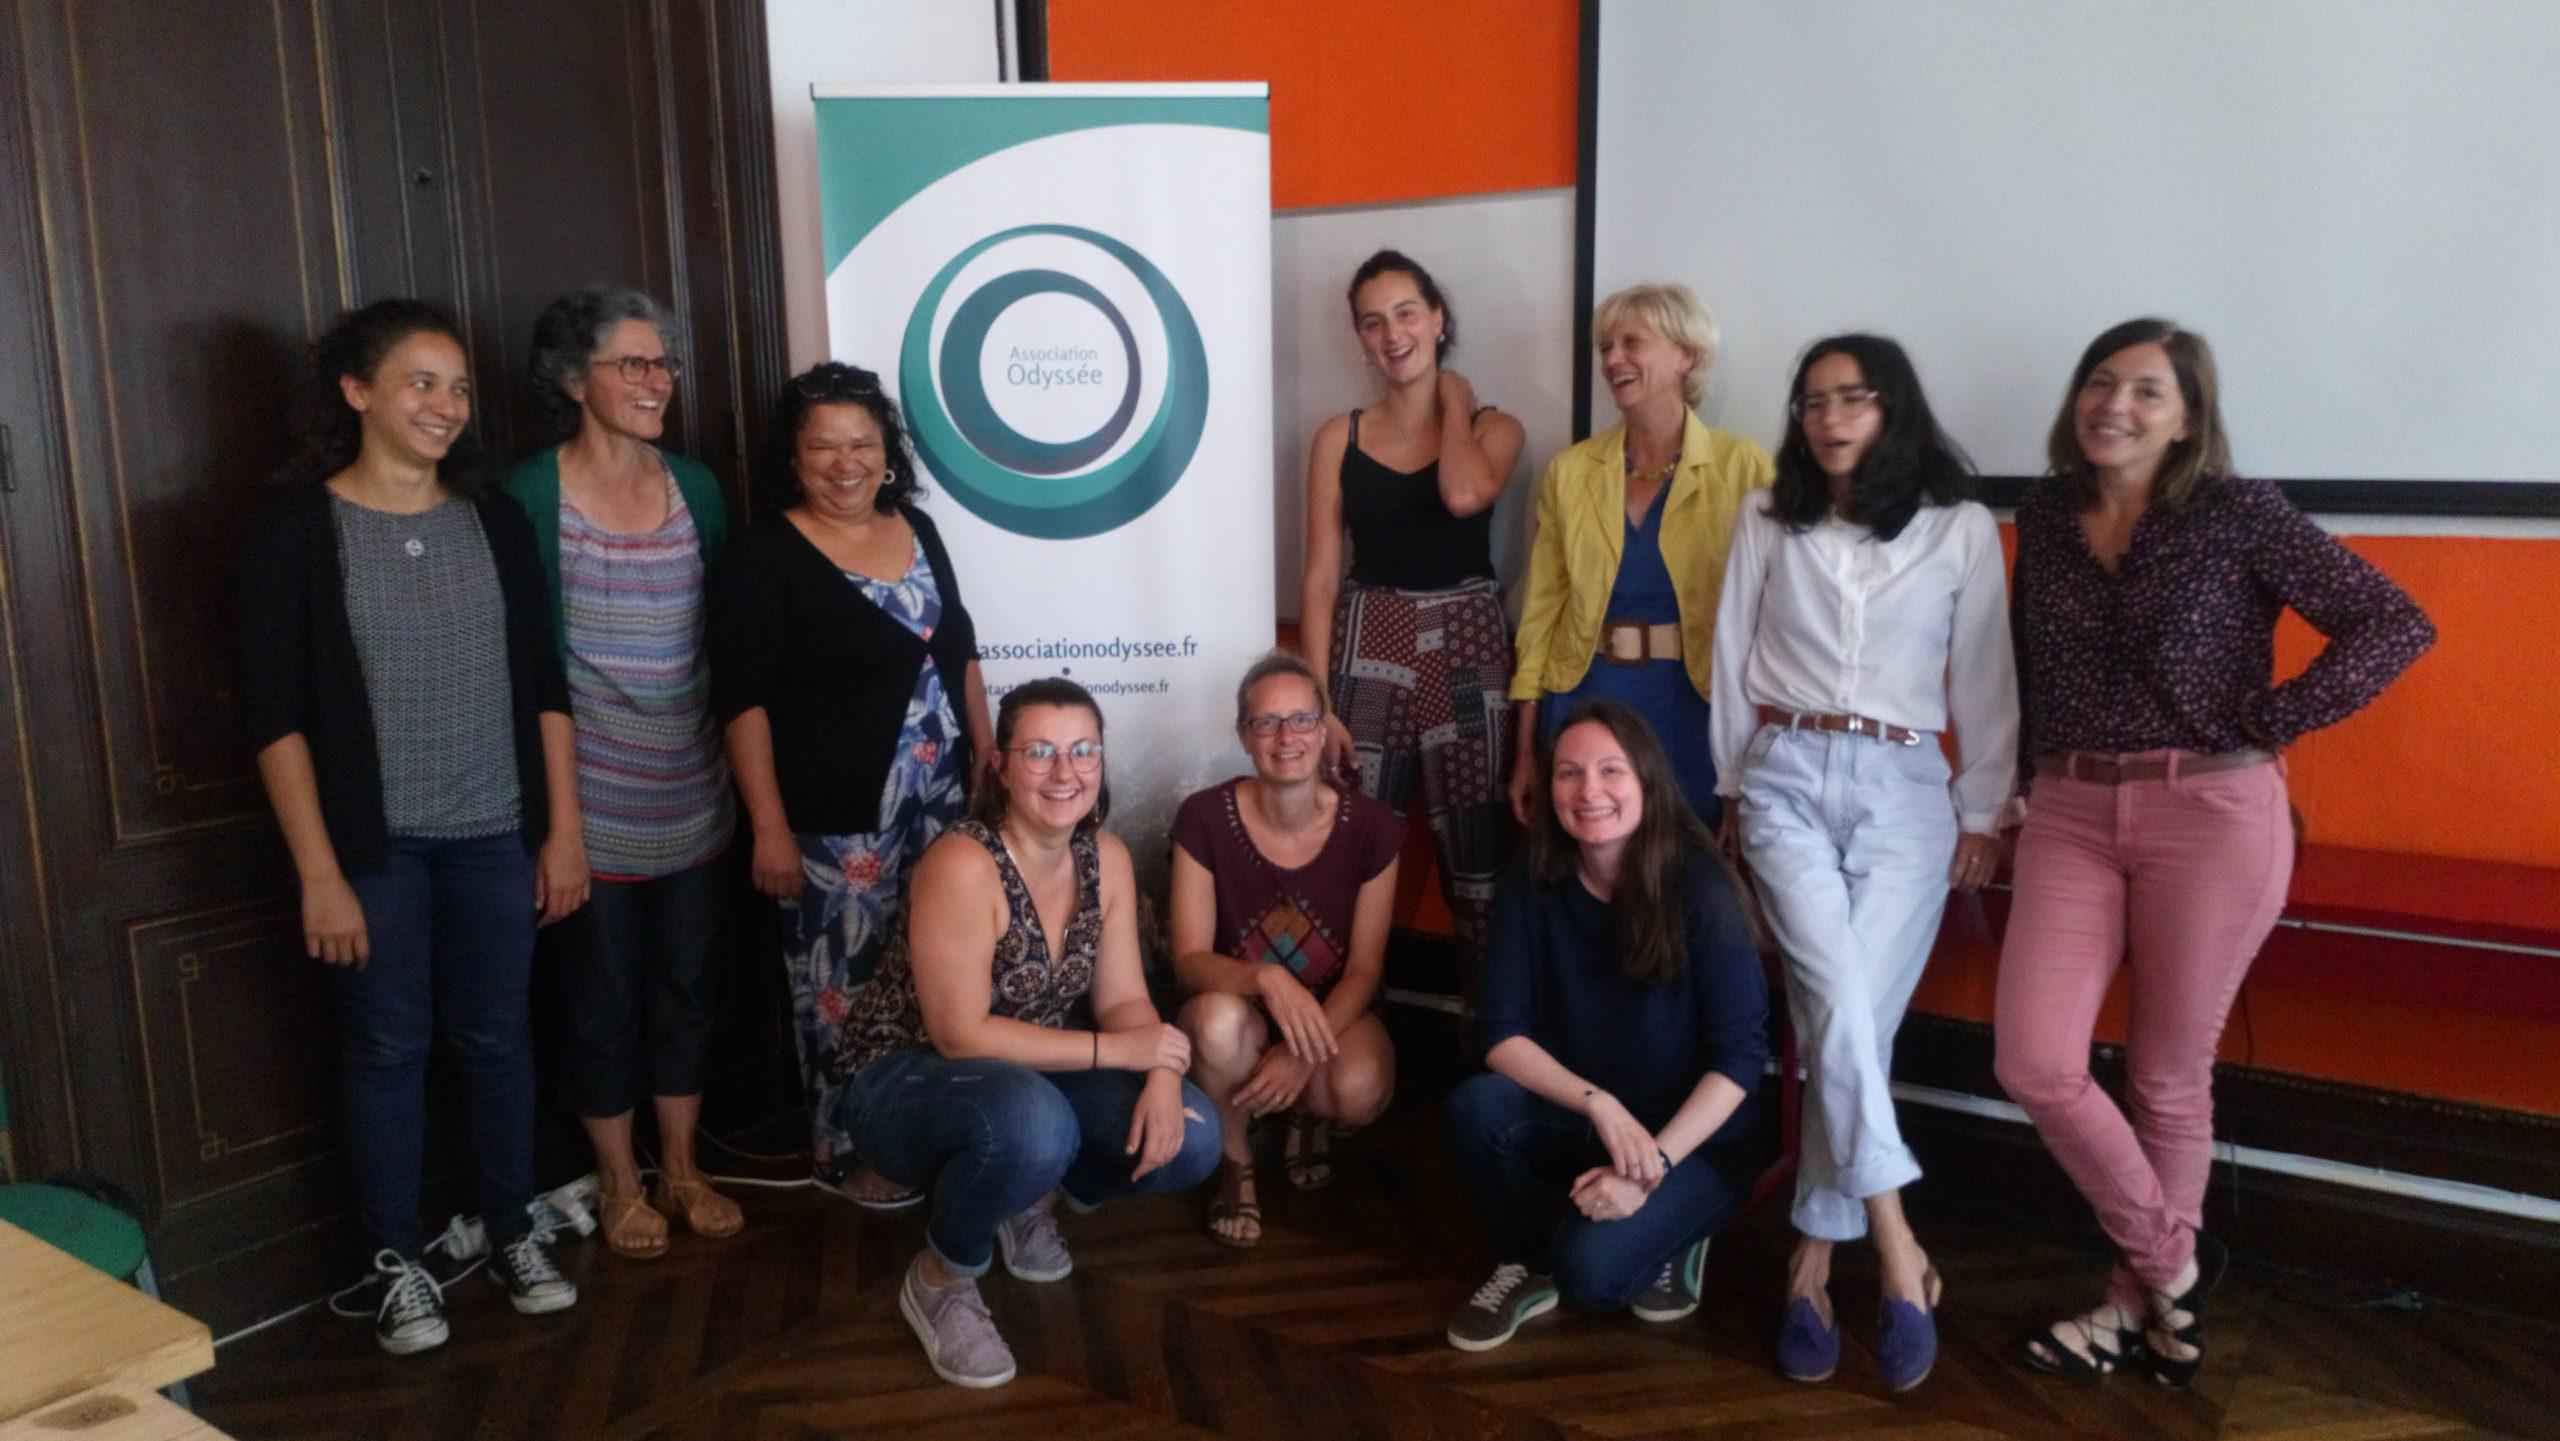 assemblée générale association odyssée bordeaux interculturalité interculturel projets européens erasmus jeunesse